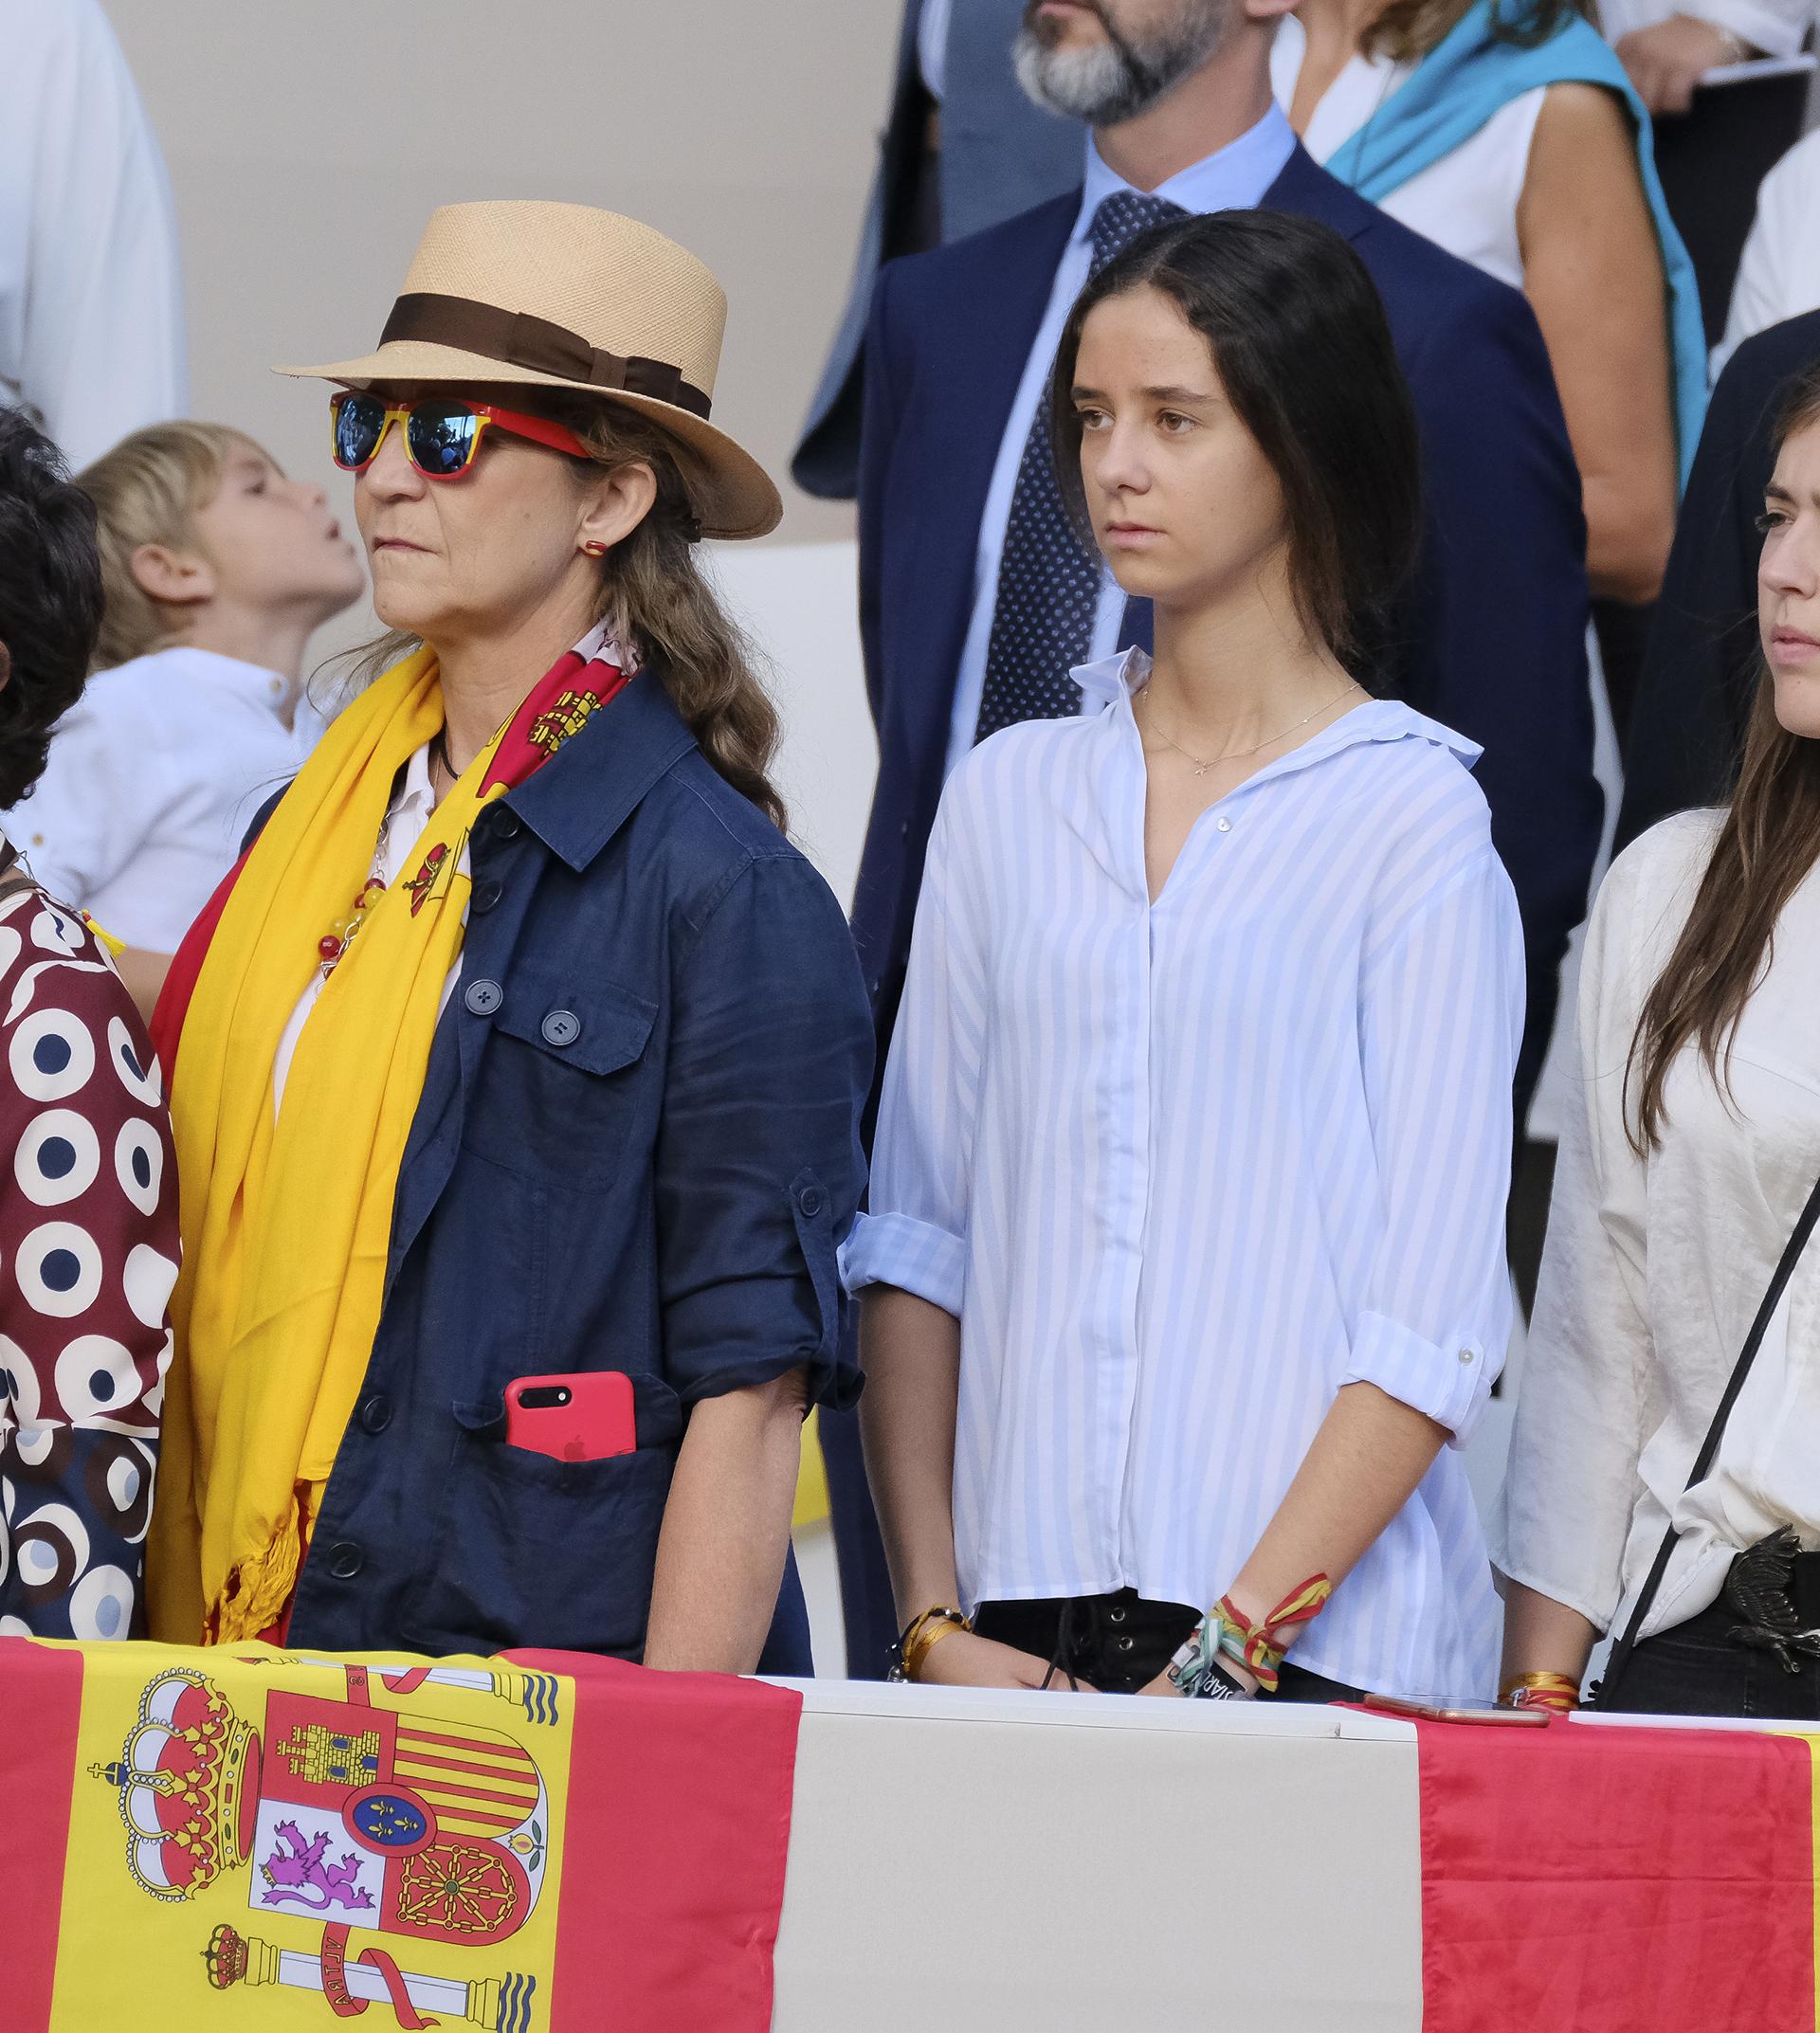 La hermana y la sobrina del rey Felipe disfrutaron del festejo en las gradas pero alejadas del palco real